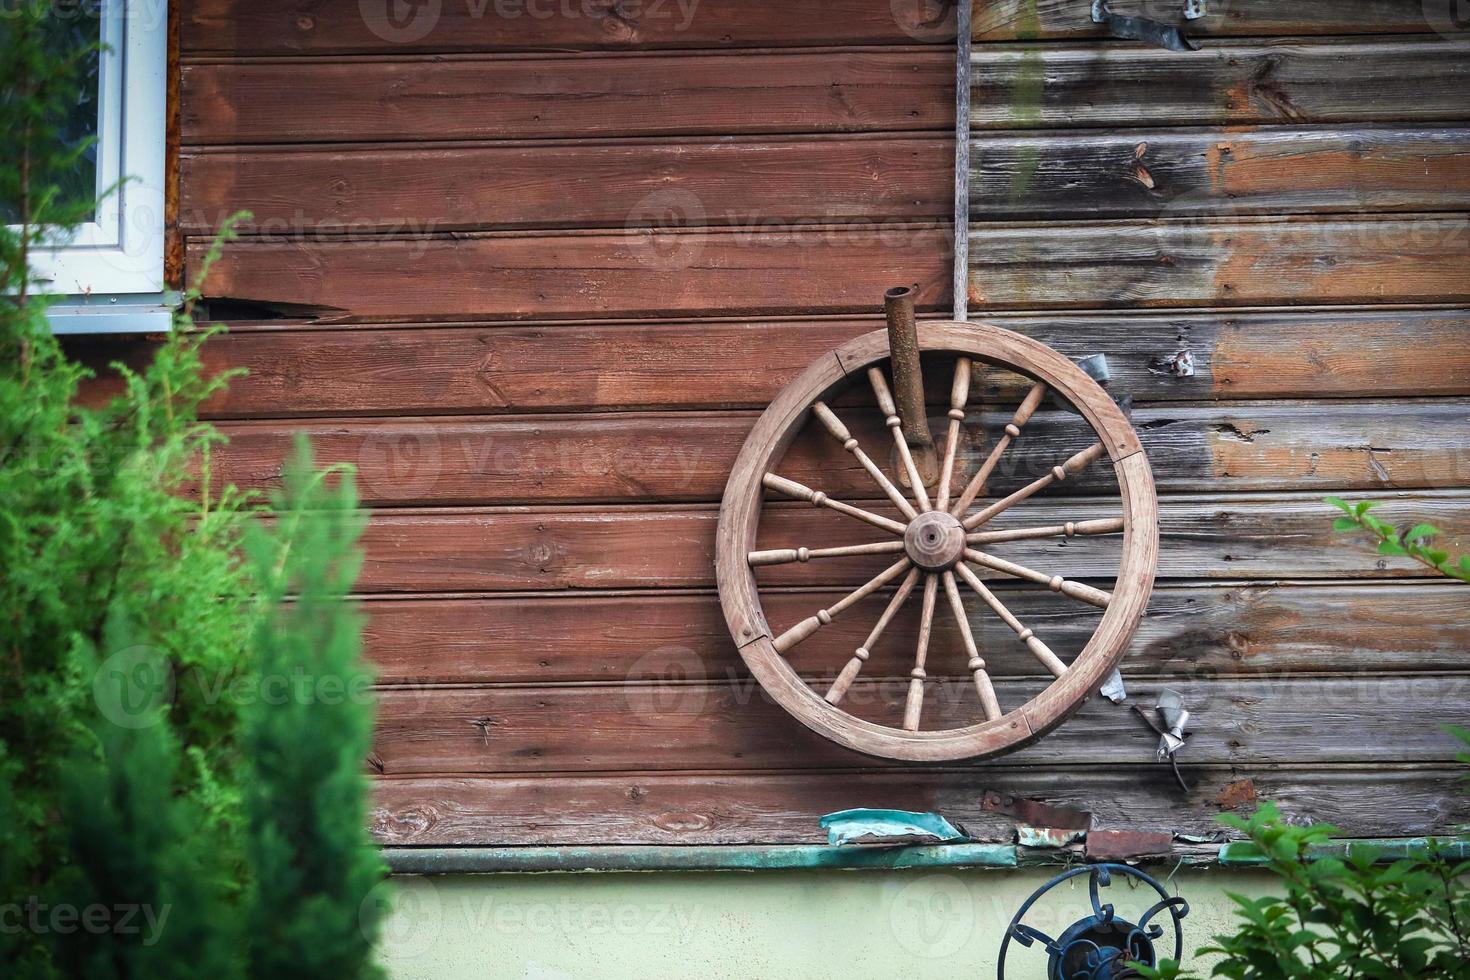 großes altes Holzrad, das an der Holzbrettwand eines Landhauses hängt foto